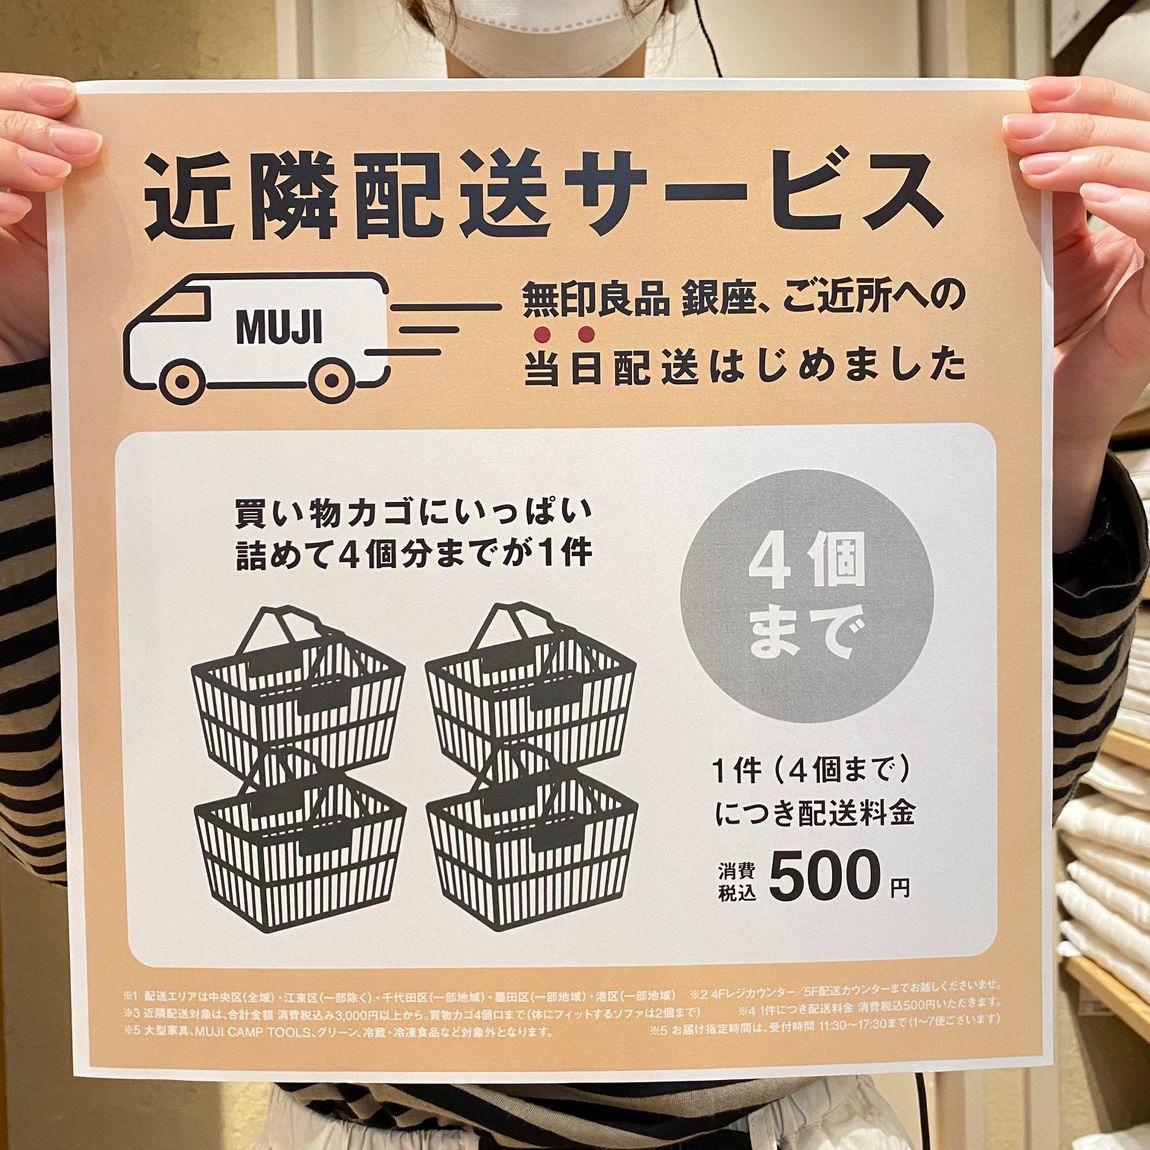 【銀座】ポリプロピレン収納をご購入の方へ|5F 収納用品売場